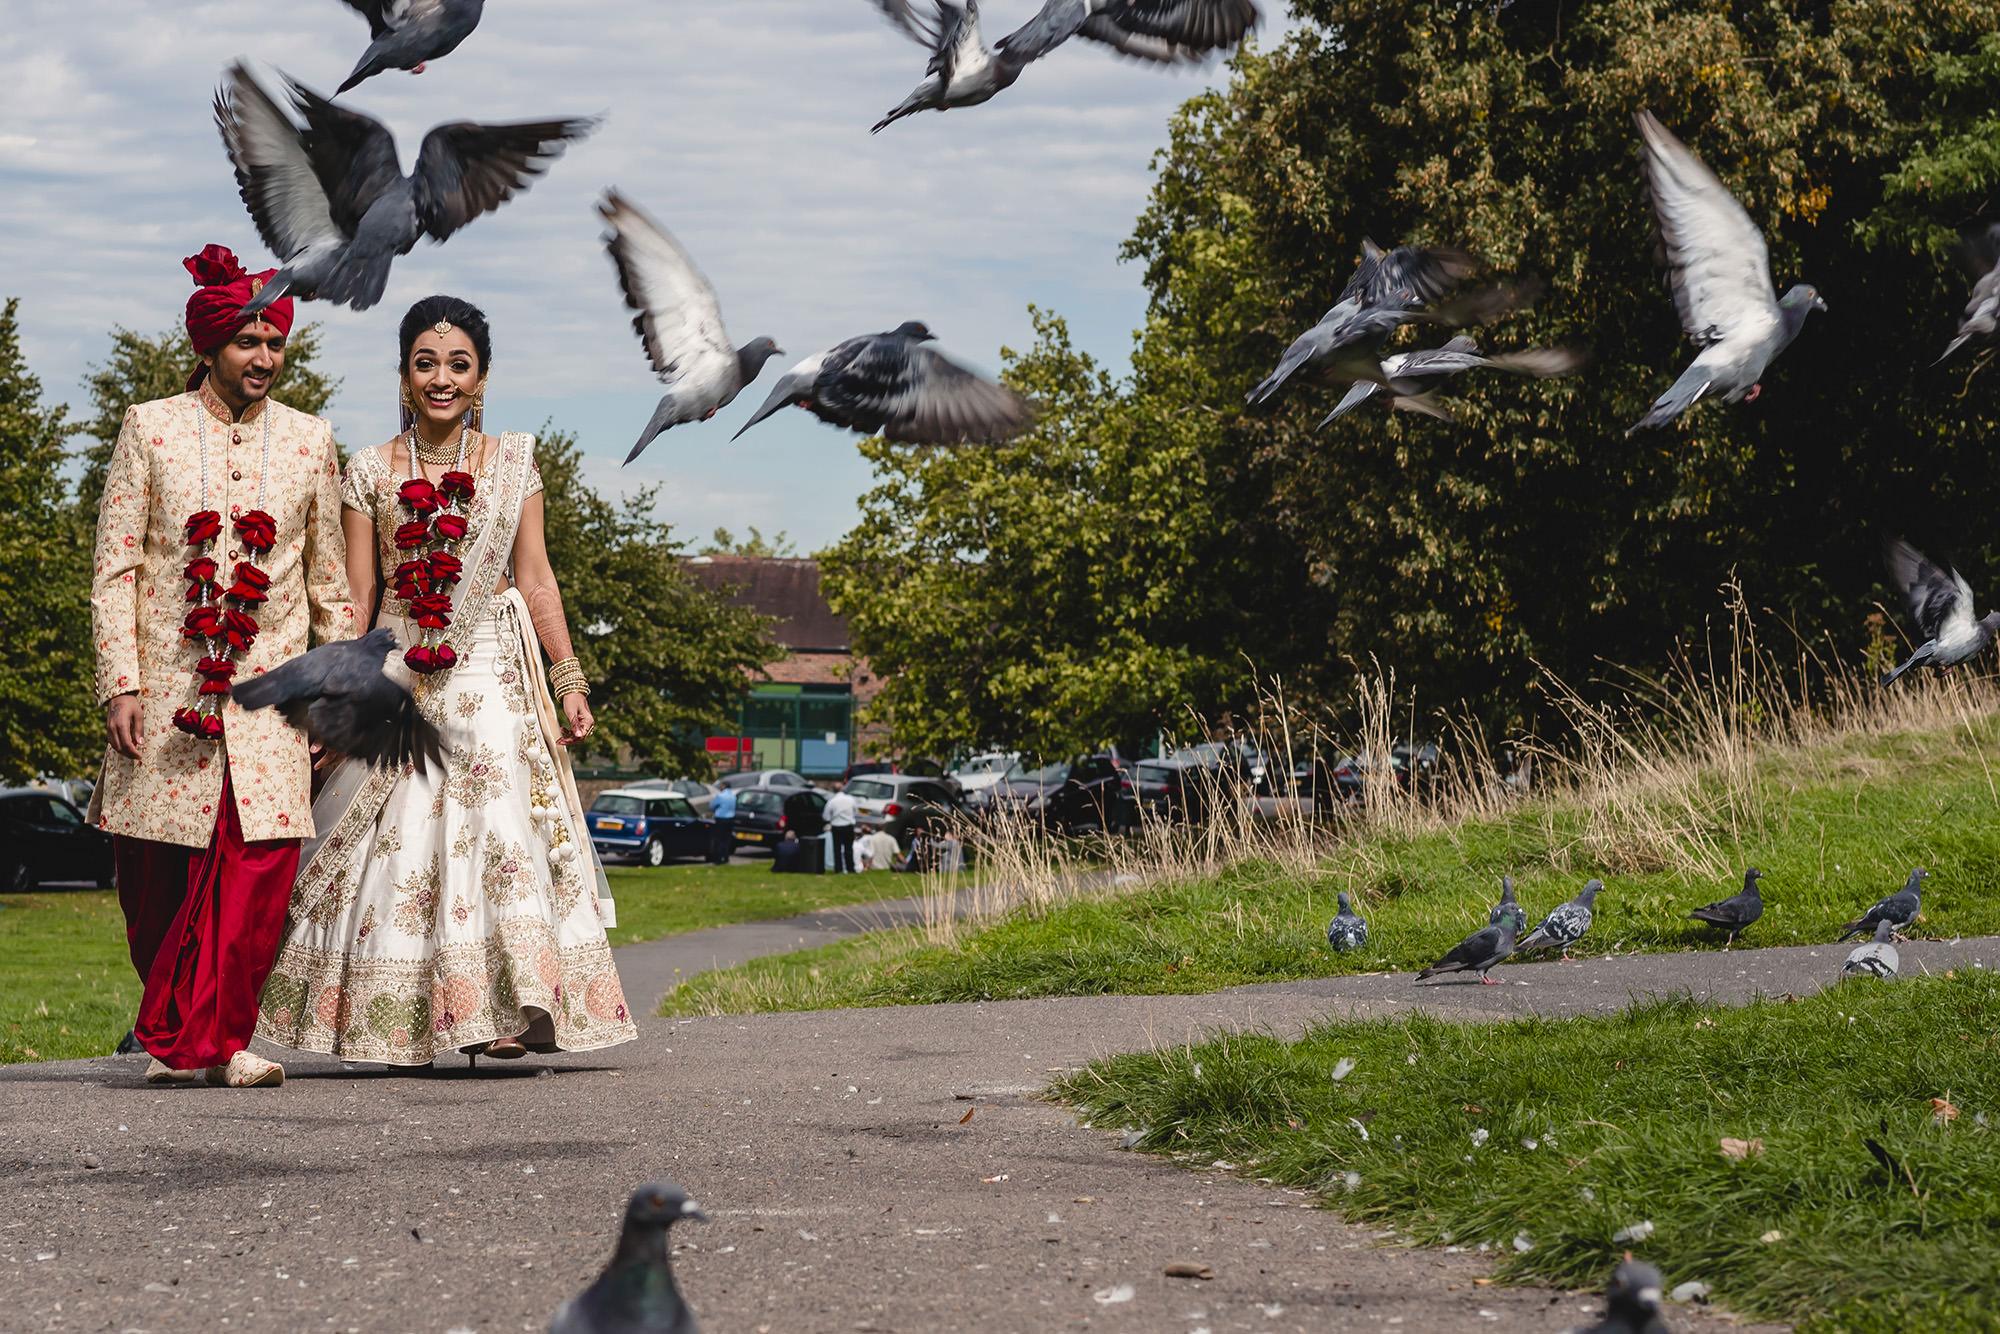 hindu bride and groom walking portrait